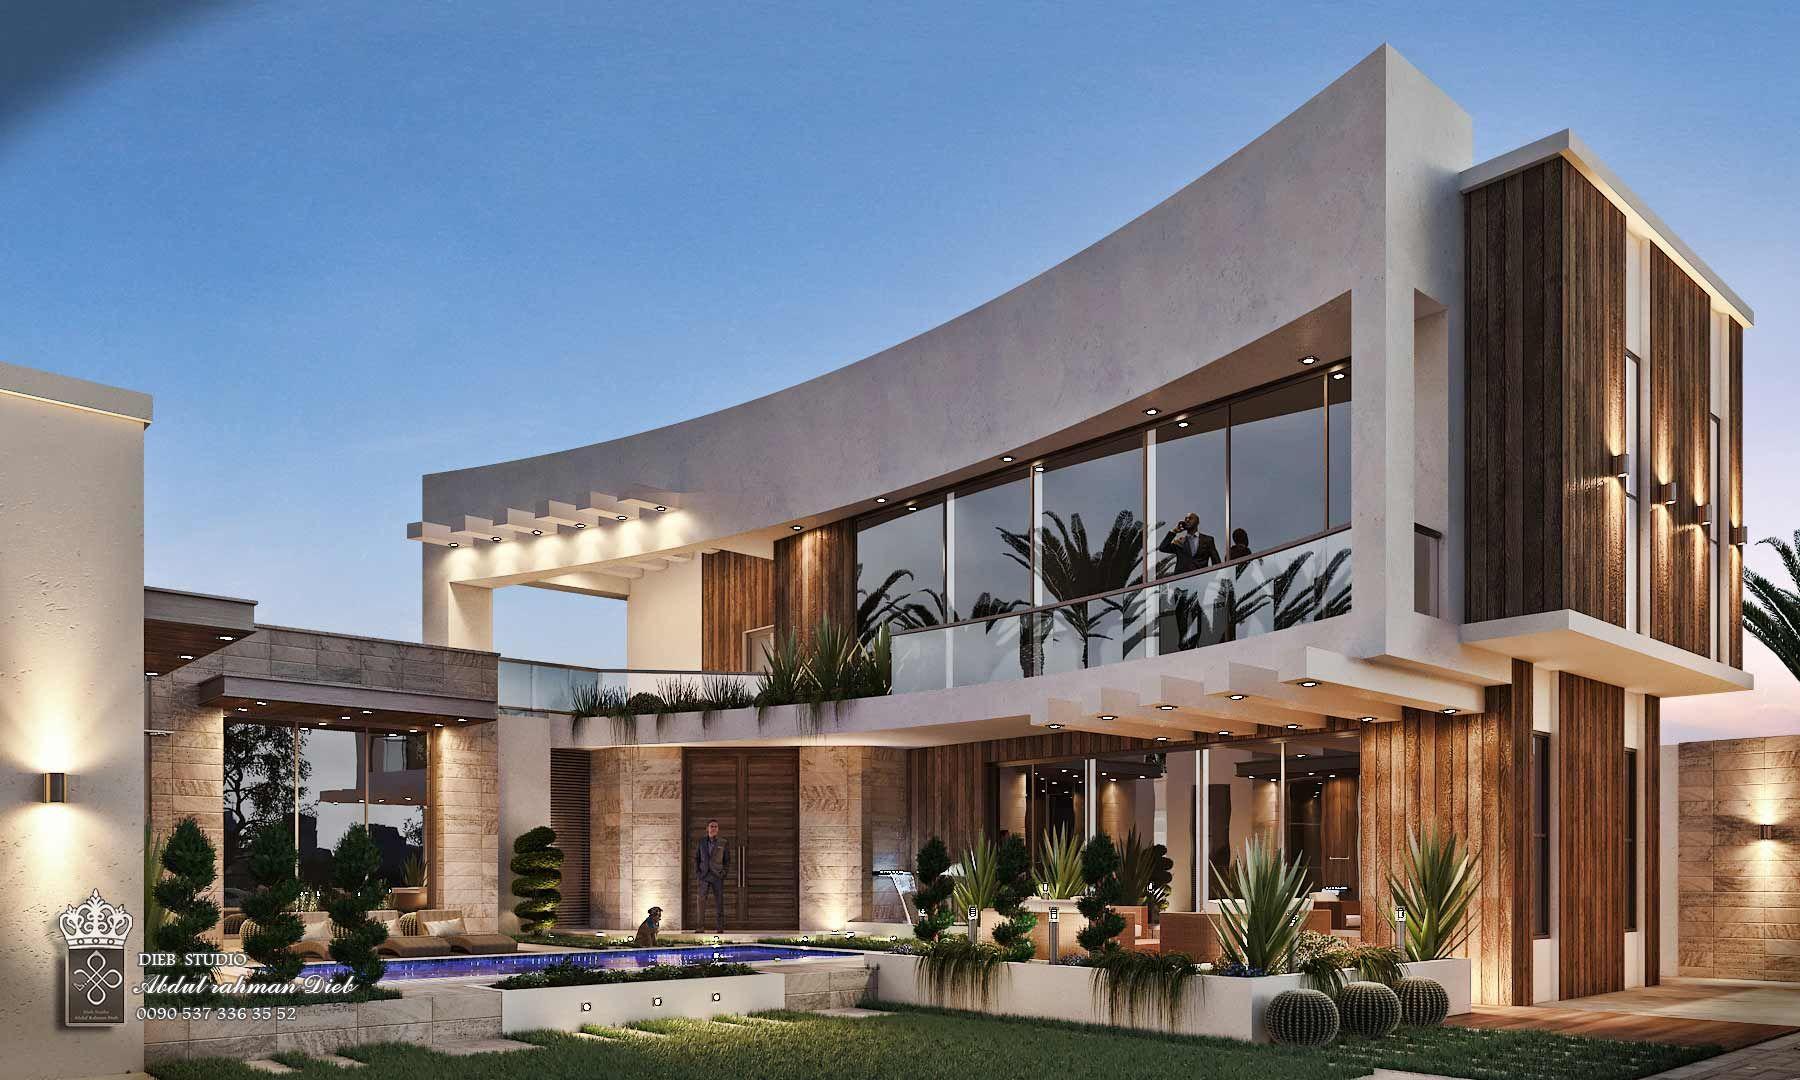 Andalusian Private Villas Complex Ksa فلل اندلسي اسلامي ديكور خارجي Architecture Classic House Design Villa Design